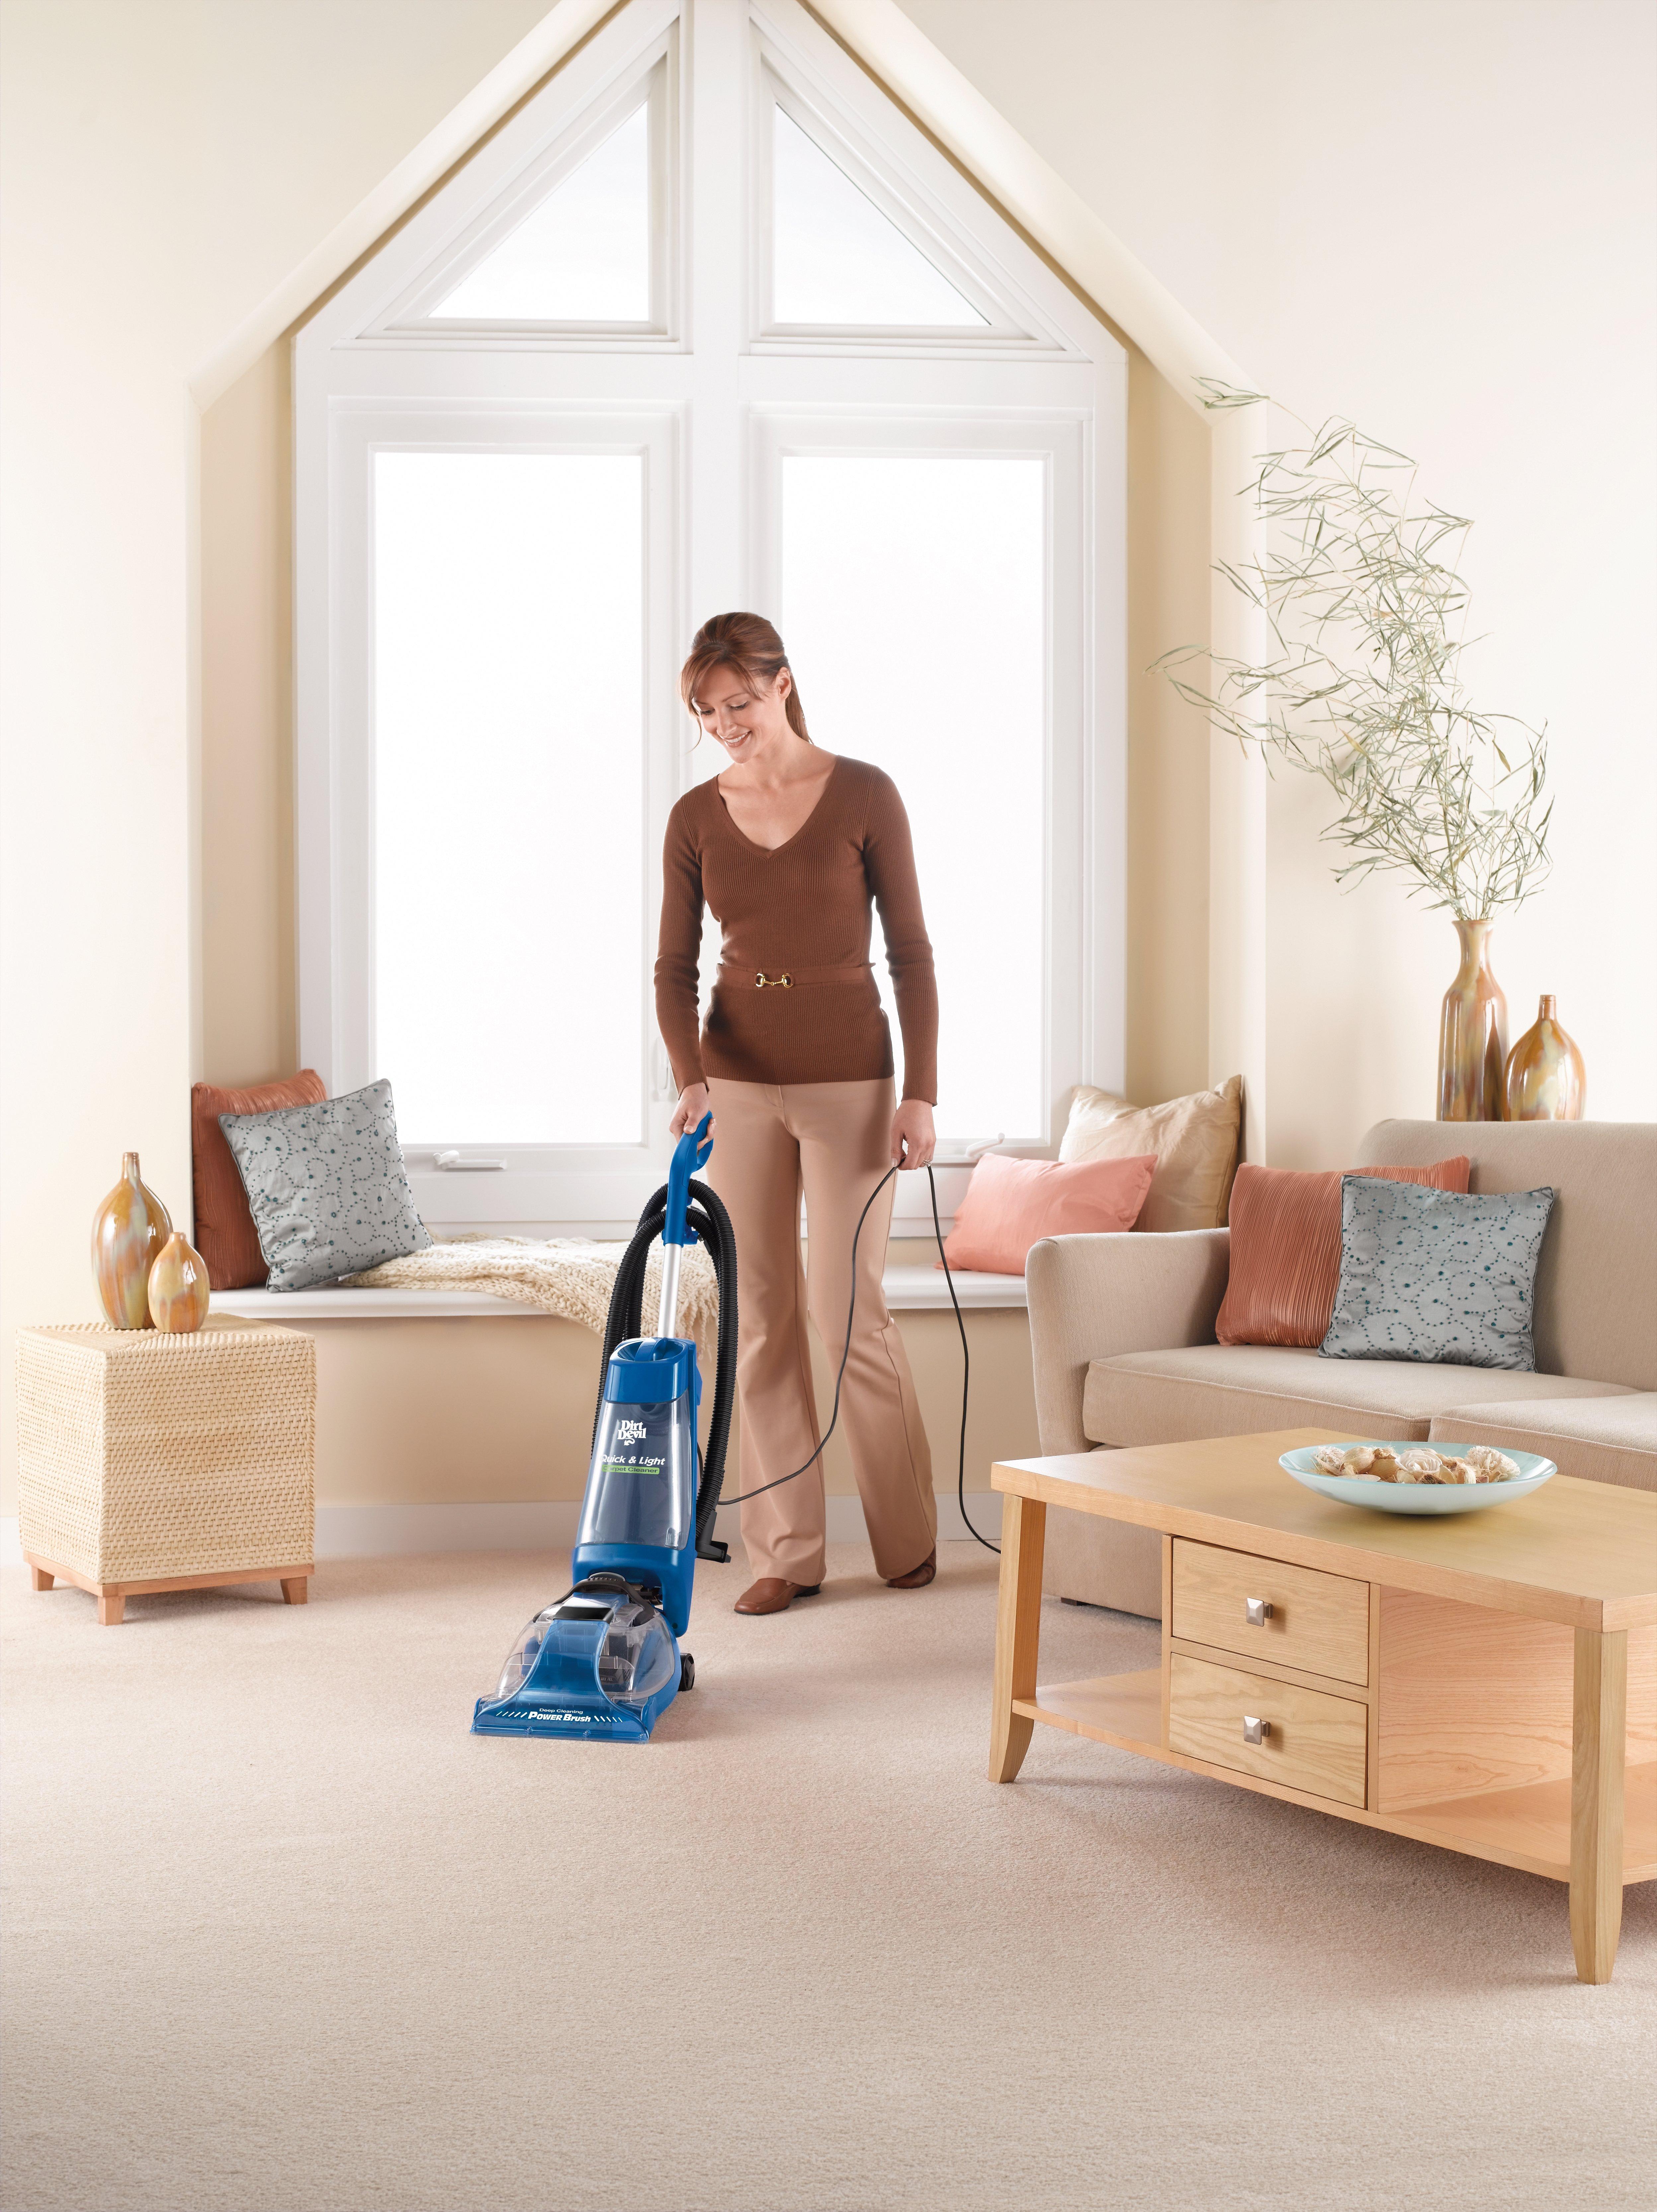 Quick & Light Carpet Cleaner2